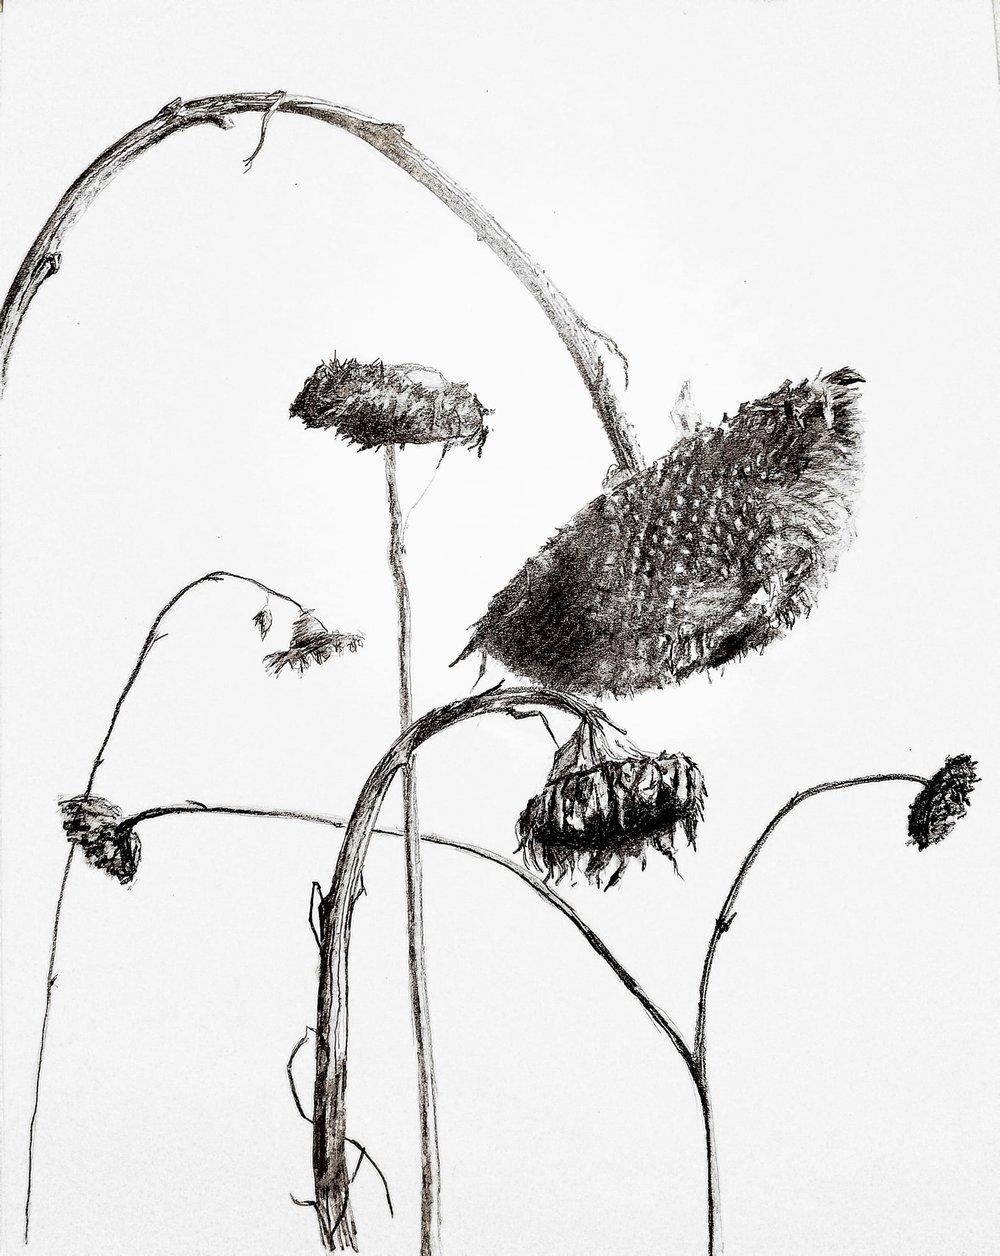 Winter sunflowers; graphite, 11x14; 2018